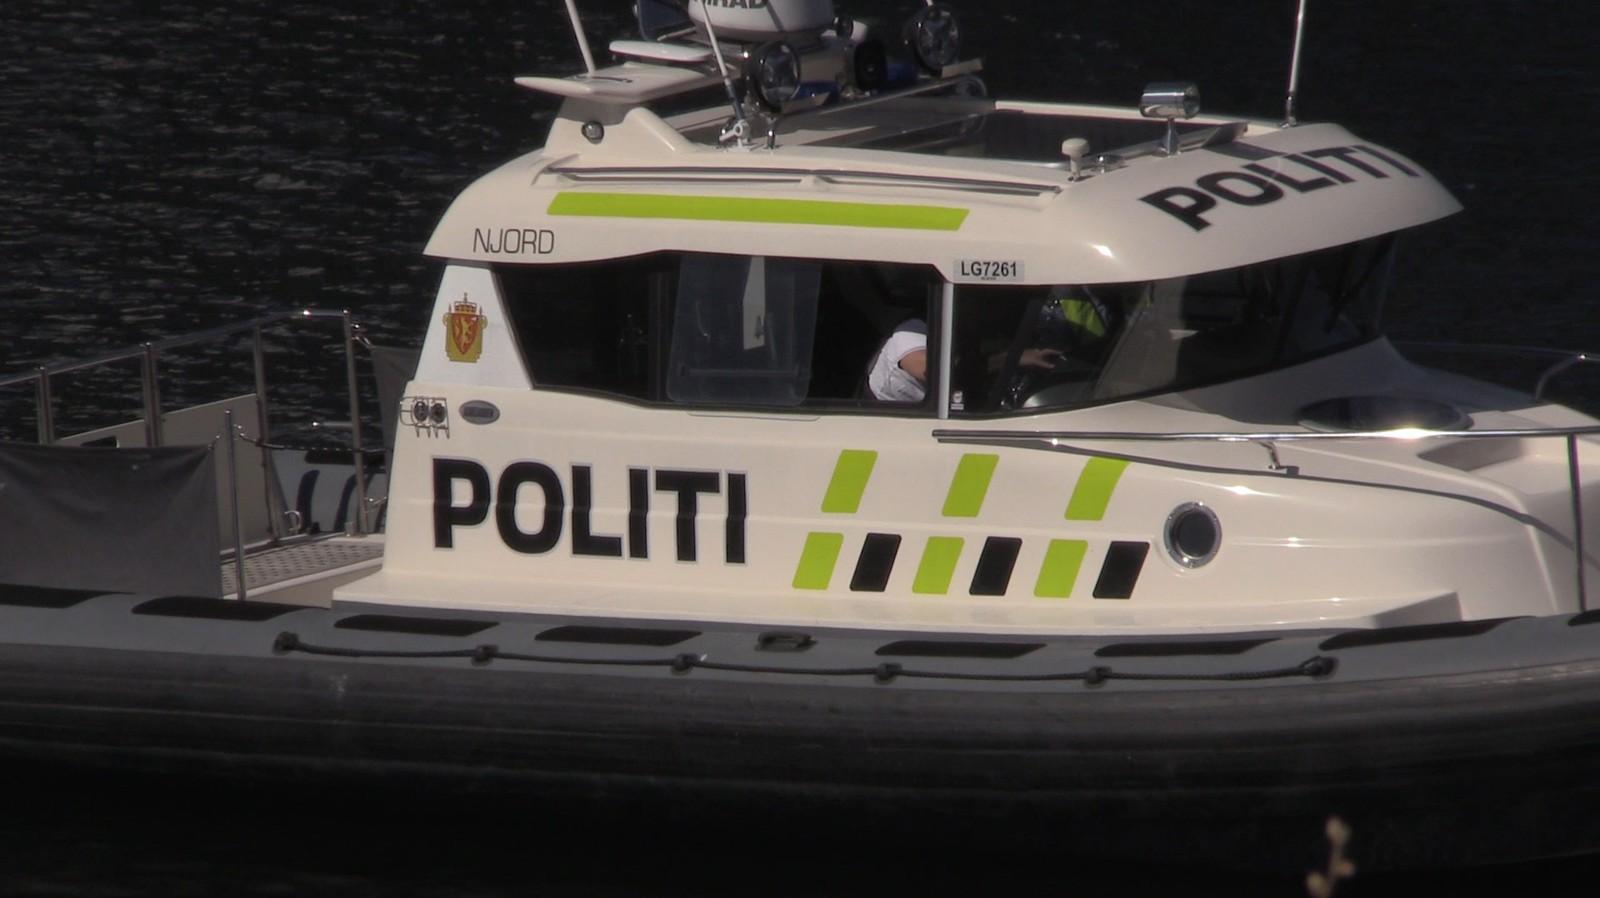 Politiet søker tirsdag ettermiddag etter den savnede i Skienselva.